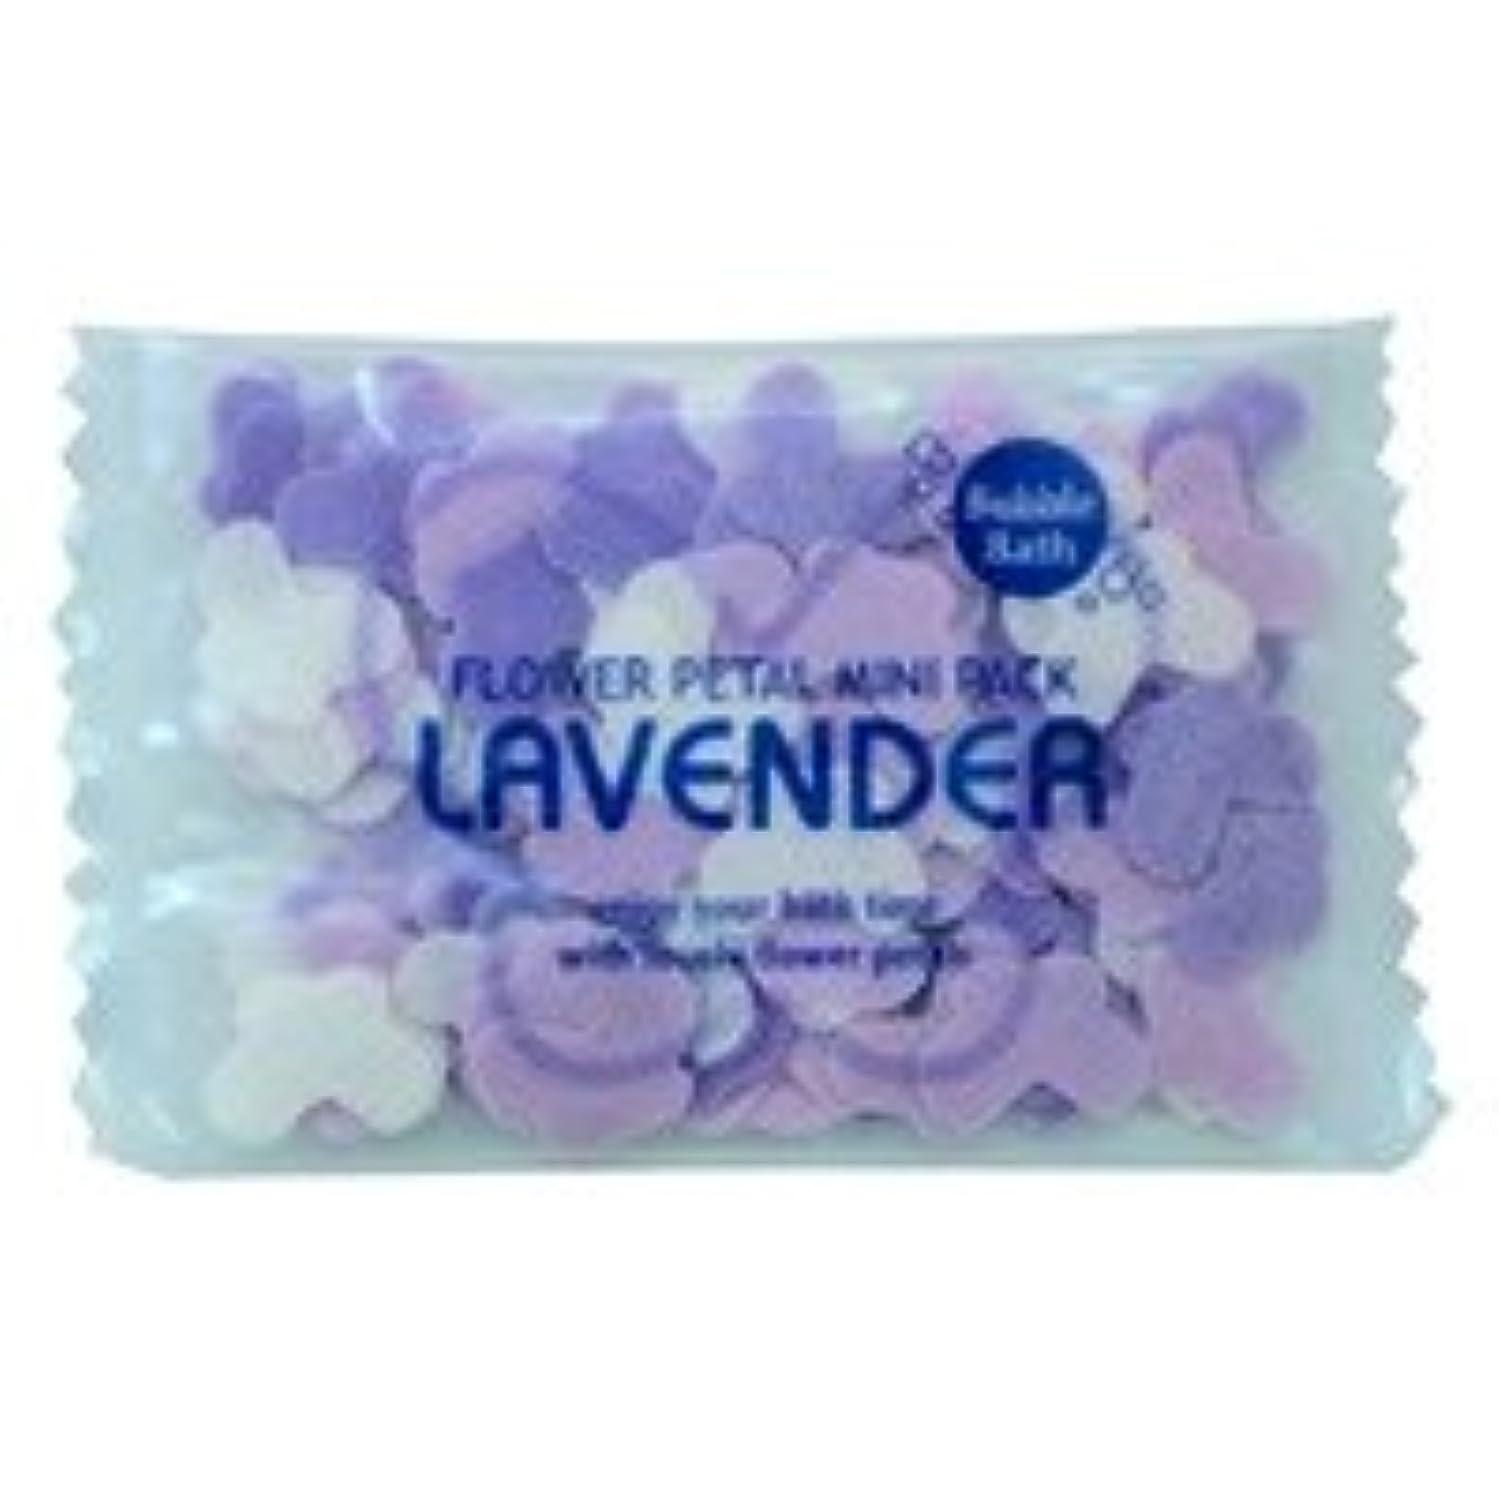 ガチョウ刻む鮮やかなフラワーペタル バブルバス ミニパック「ラベンダー」20個セット ゆったりリラックスしたい日に心を癒してくれるやさしいラベンダーの香り